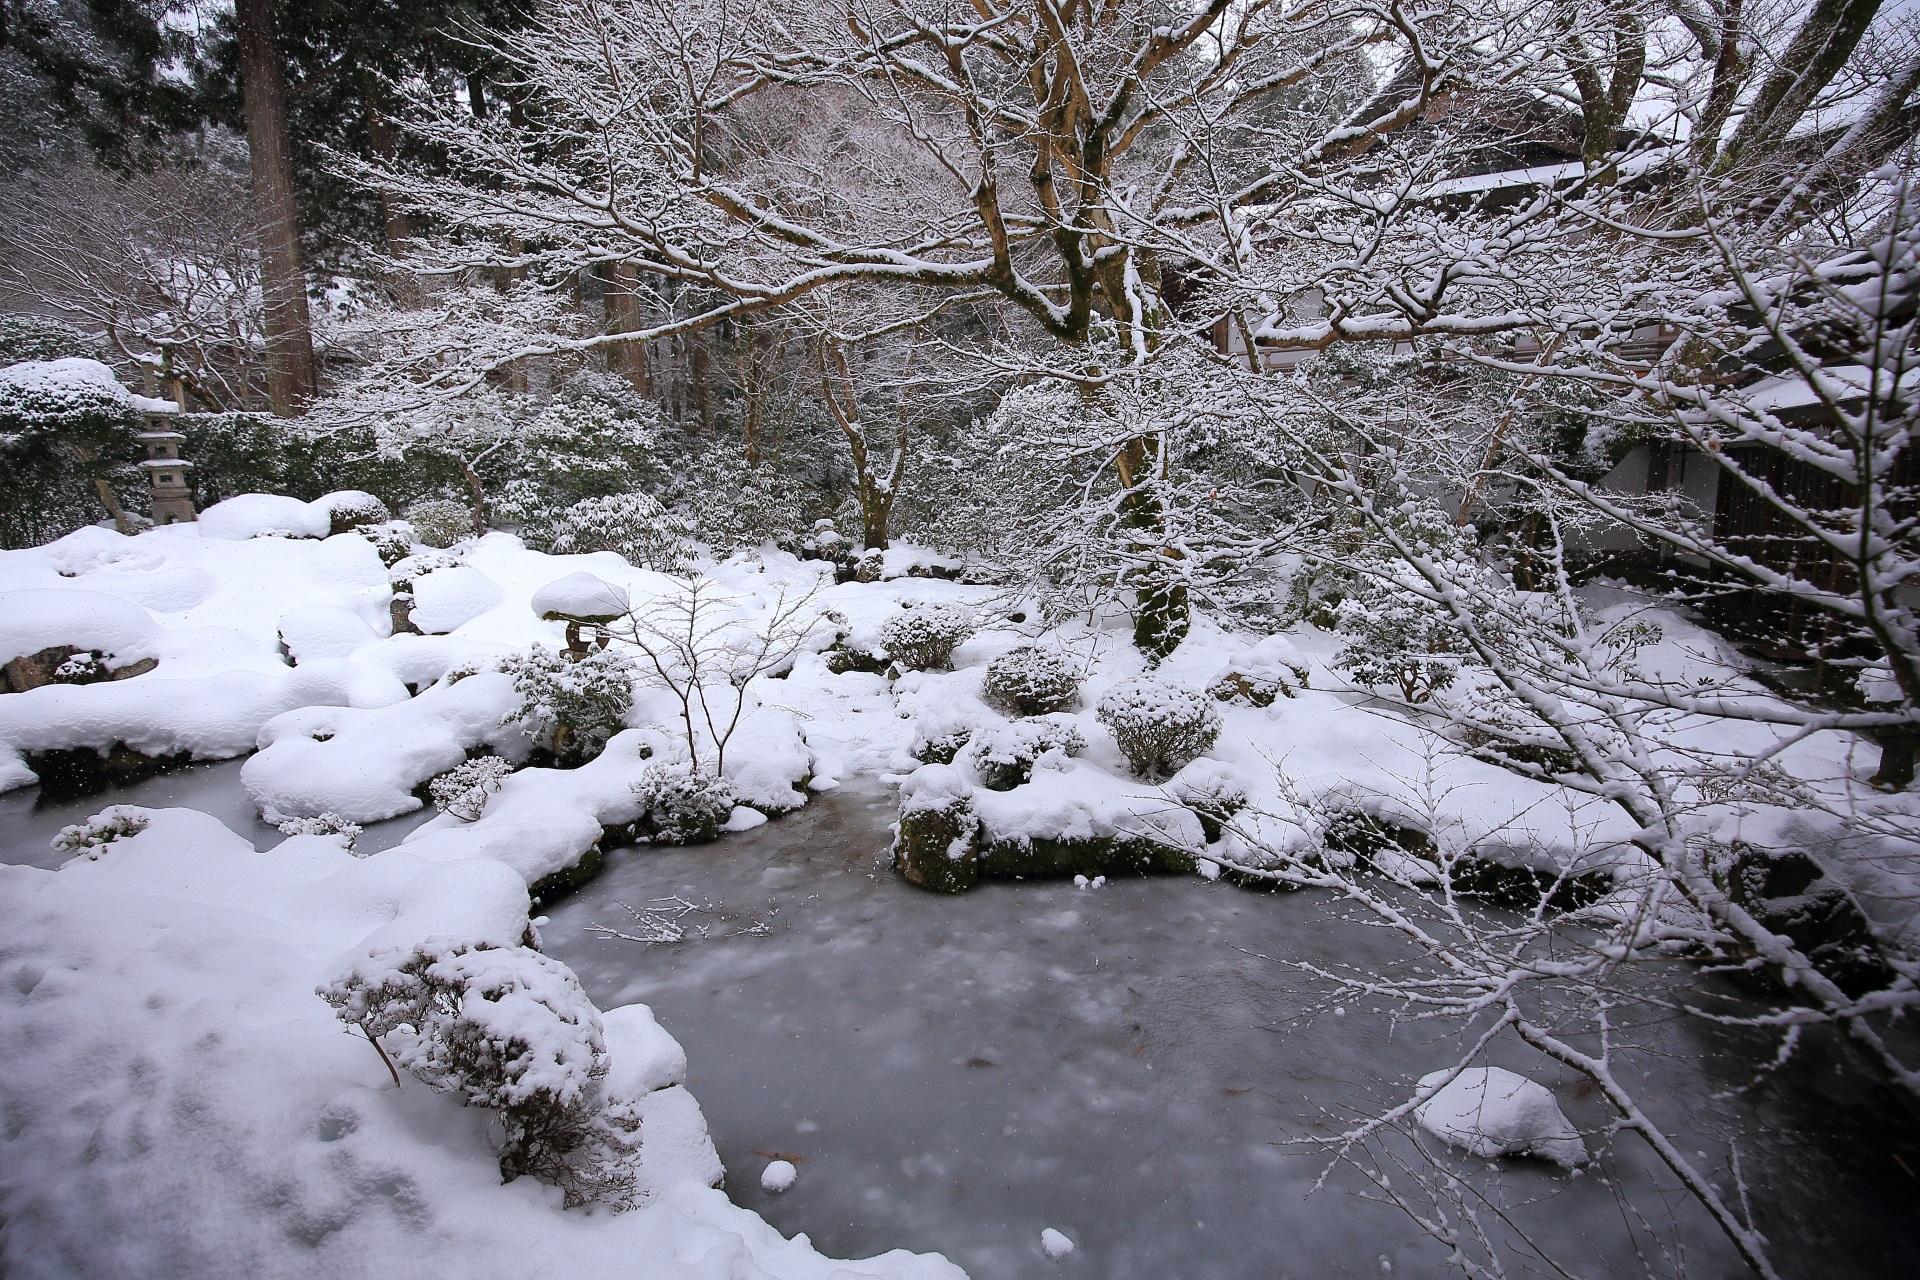 雪の花が咲く三千院の木々